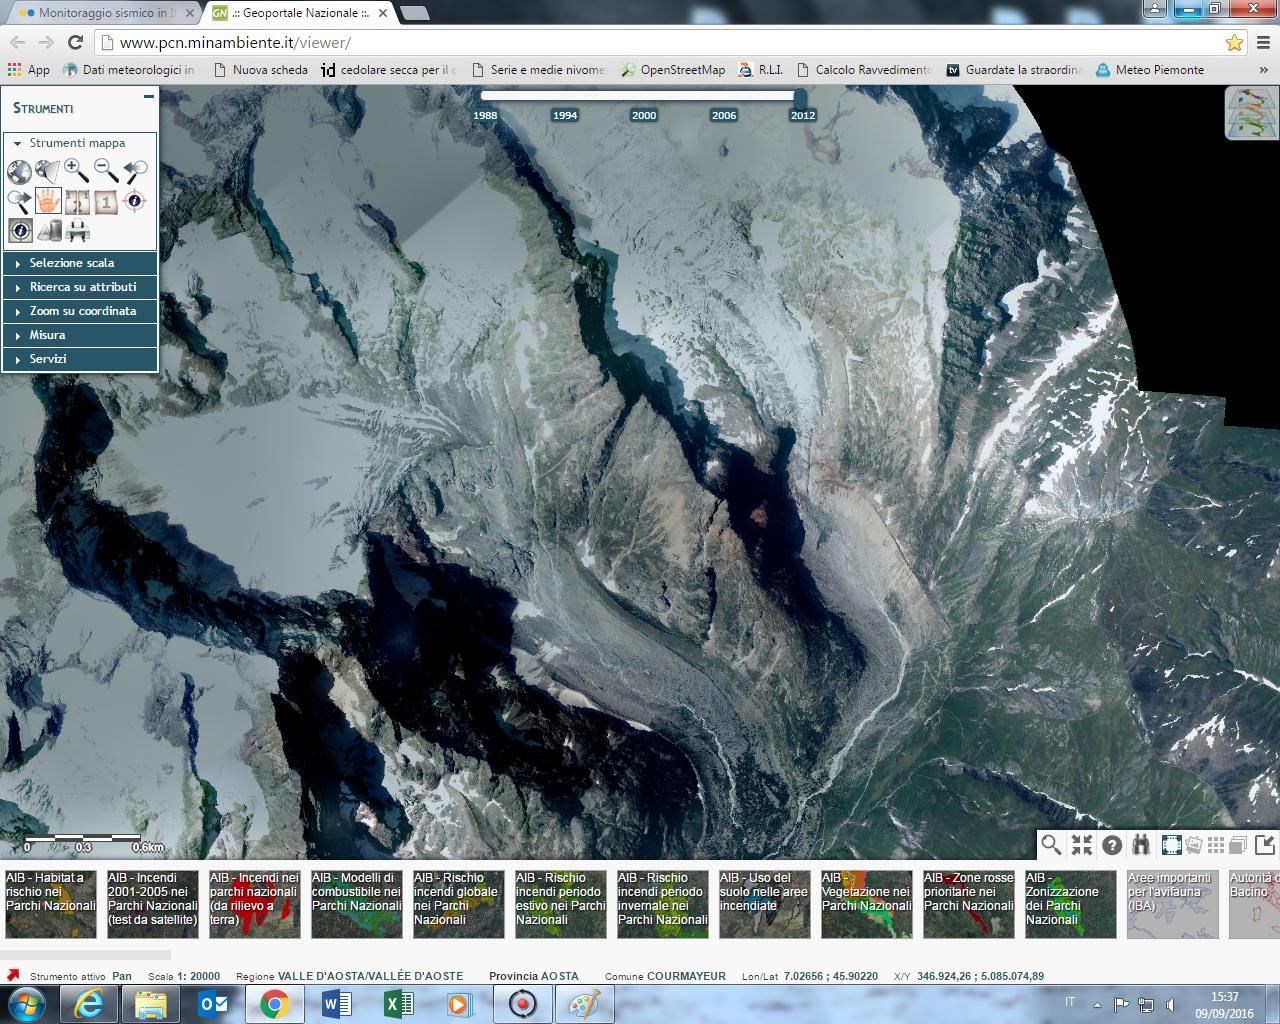 Il ritiro dei ghiacciai in Italia e nel mondo: qui i confronti-bianco2-2012.jpg